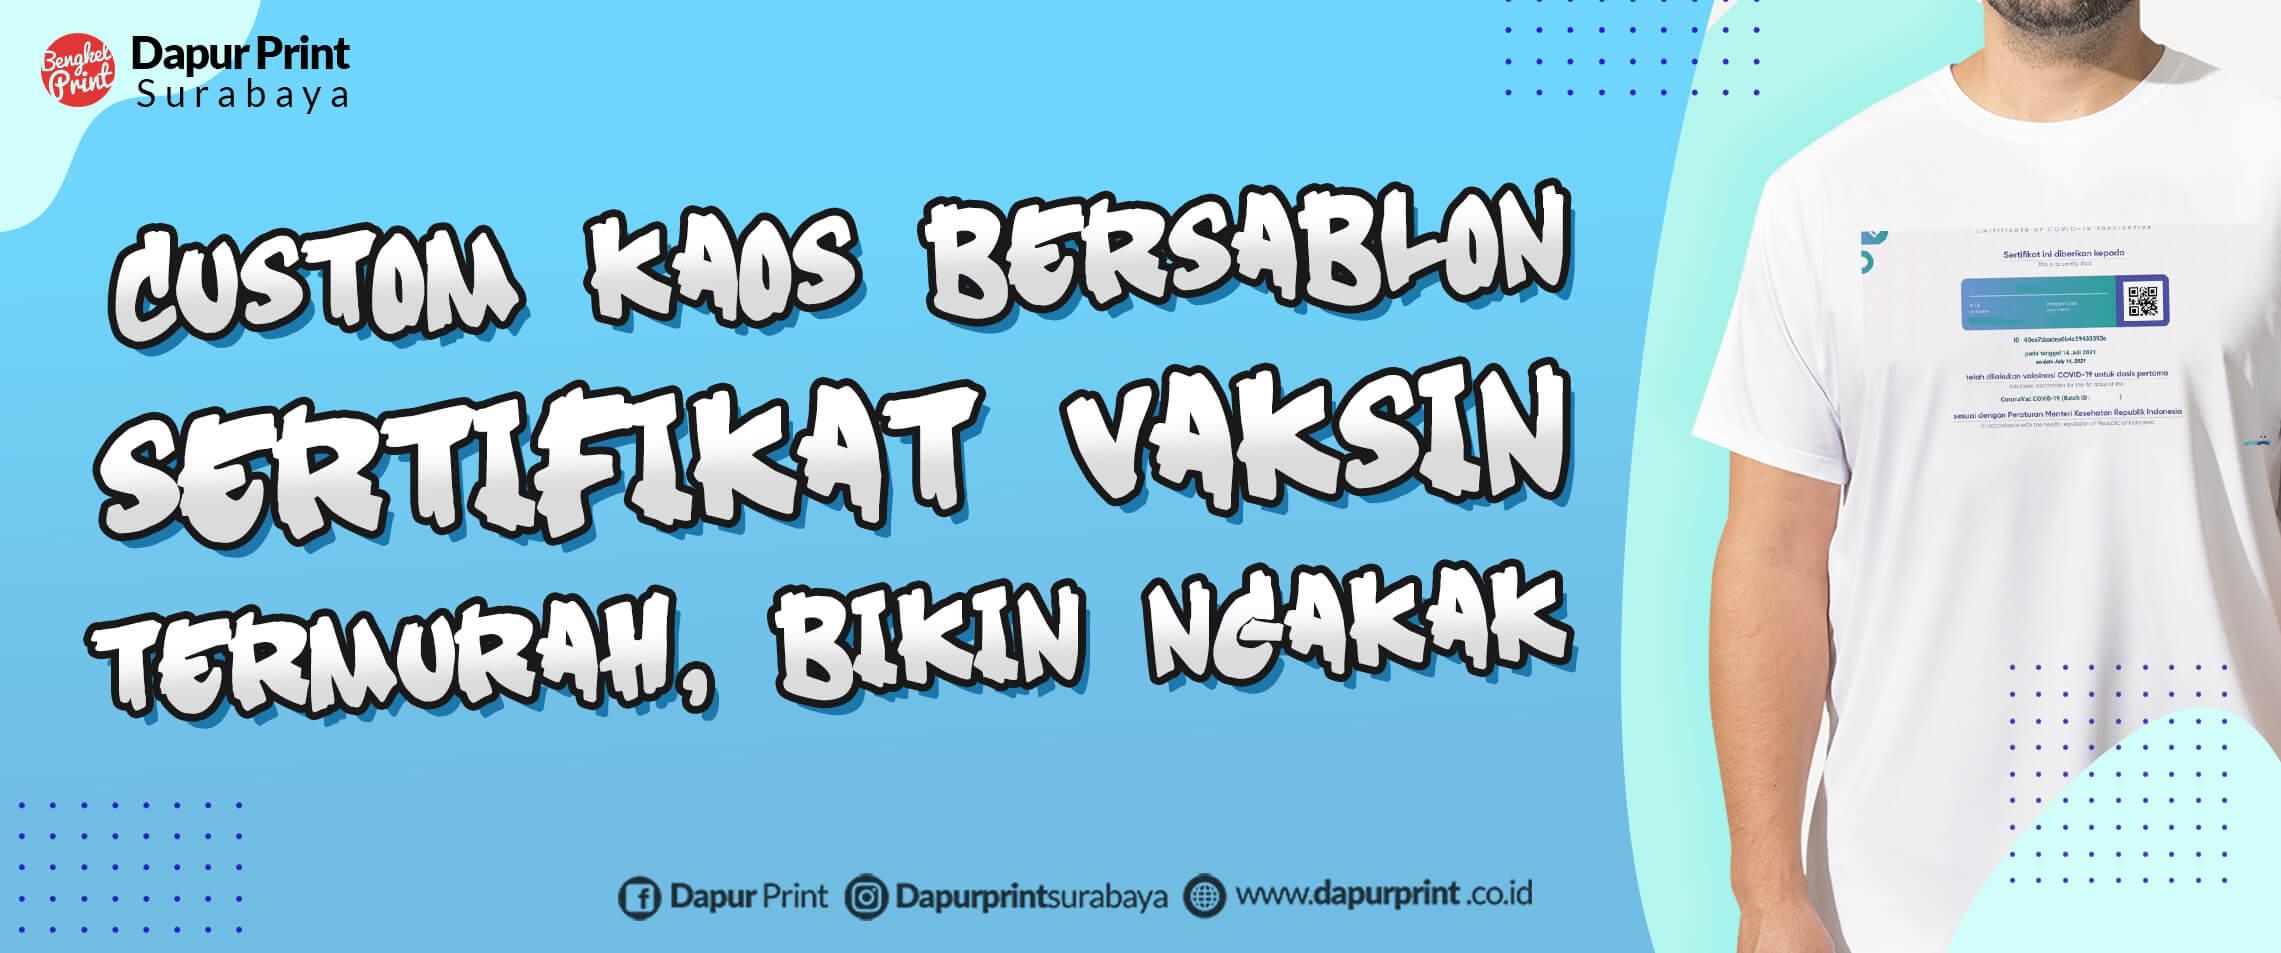 Jasa Cetak Kaos Vaksin Custom MURAH SURABAYA